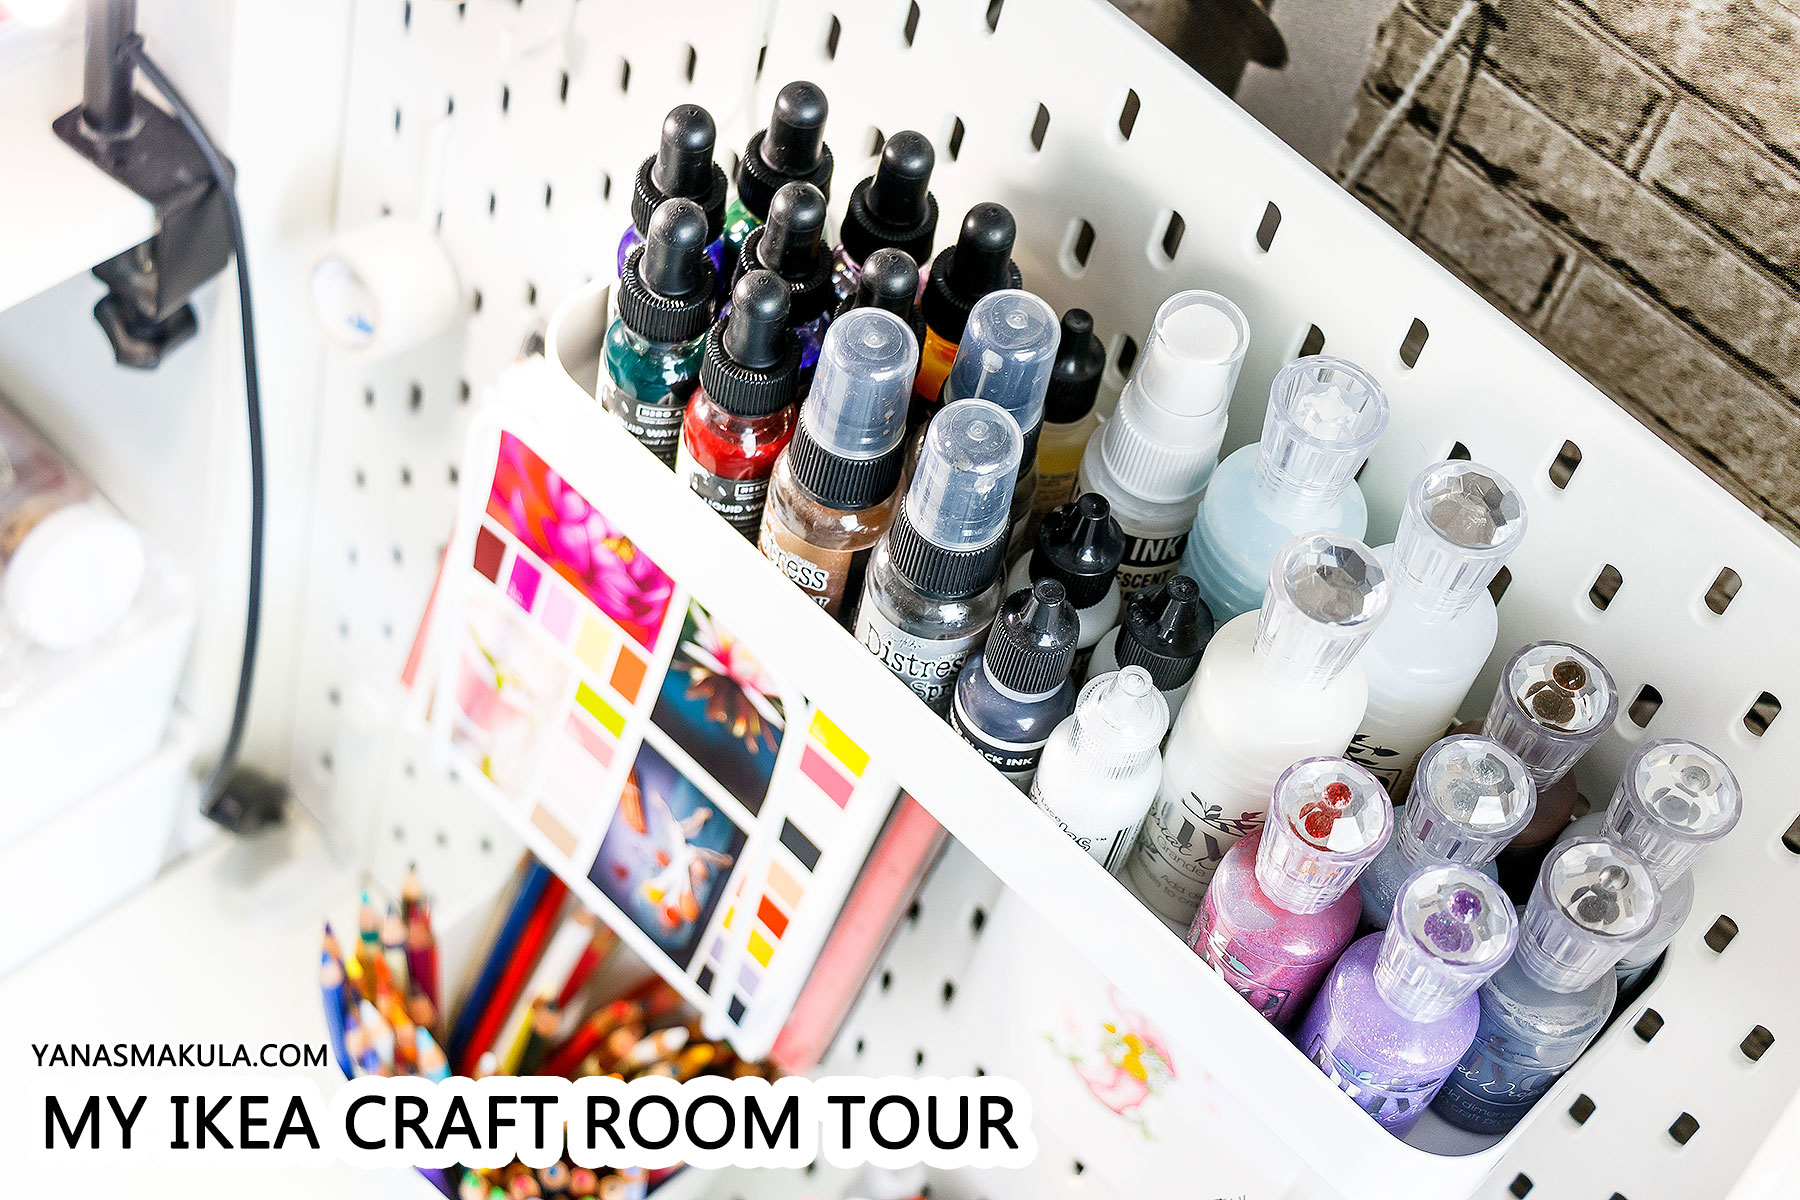 My IKEA Craft Room (Craft Corner) Tour 2018 | | Yana Smakula